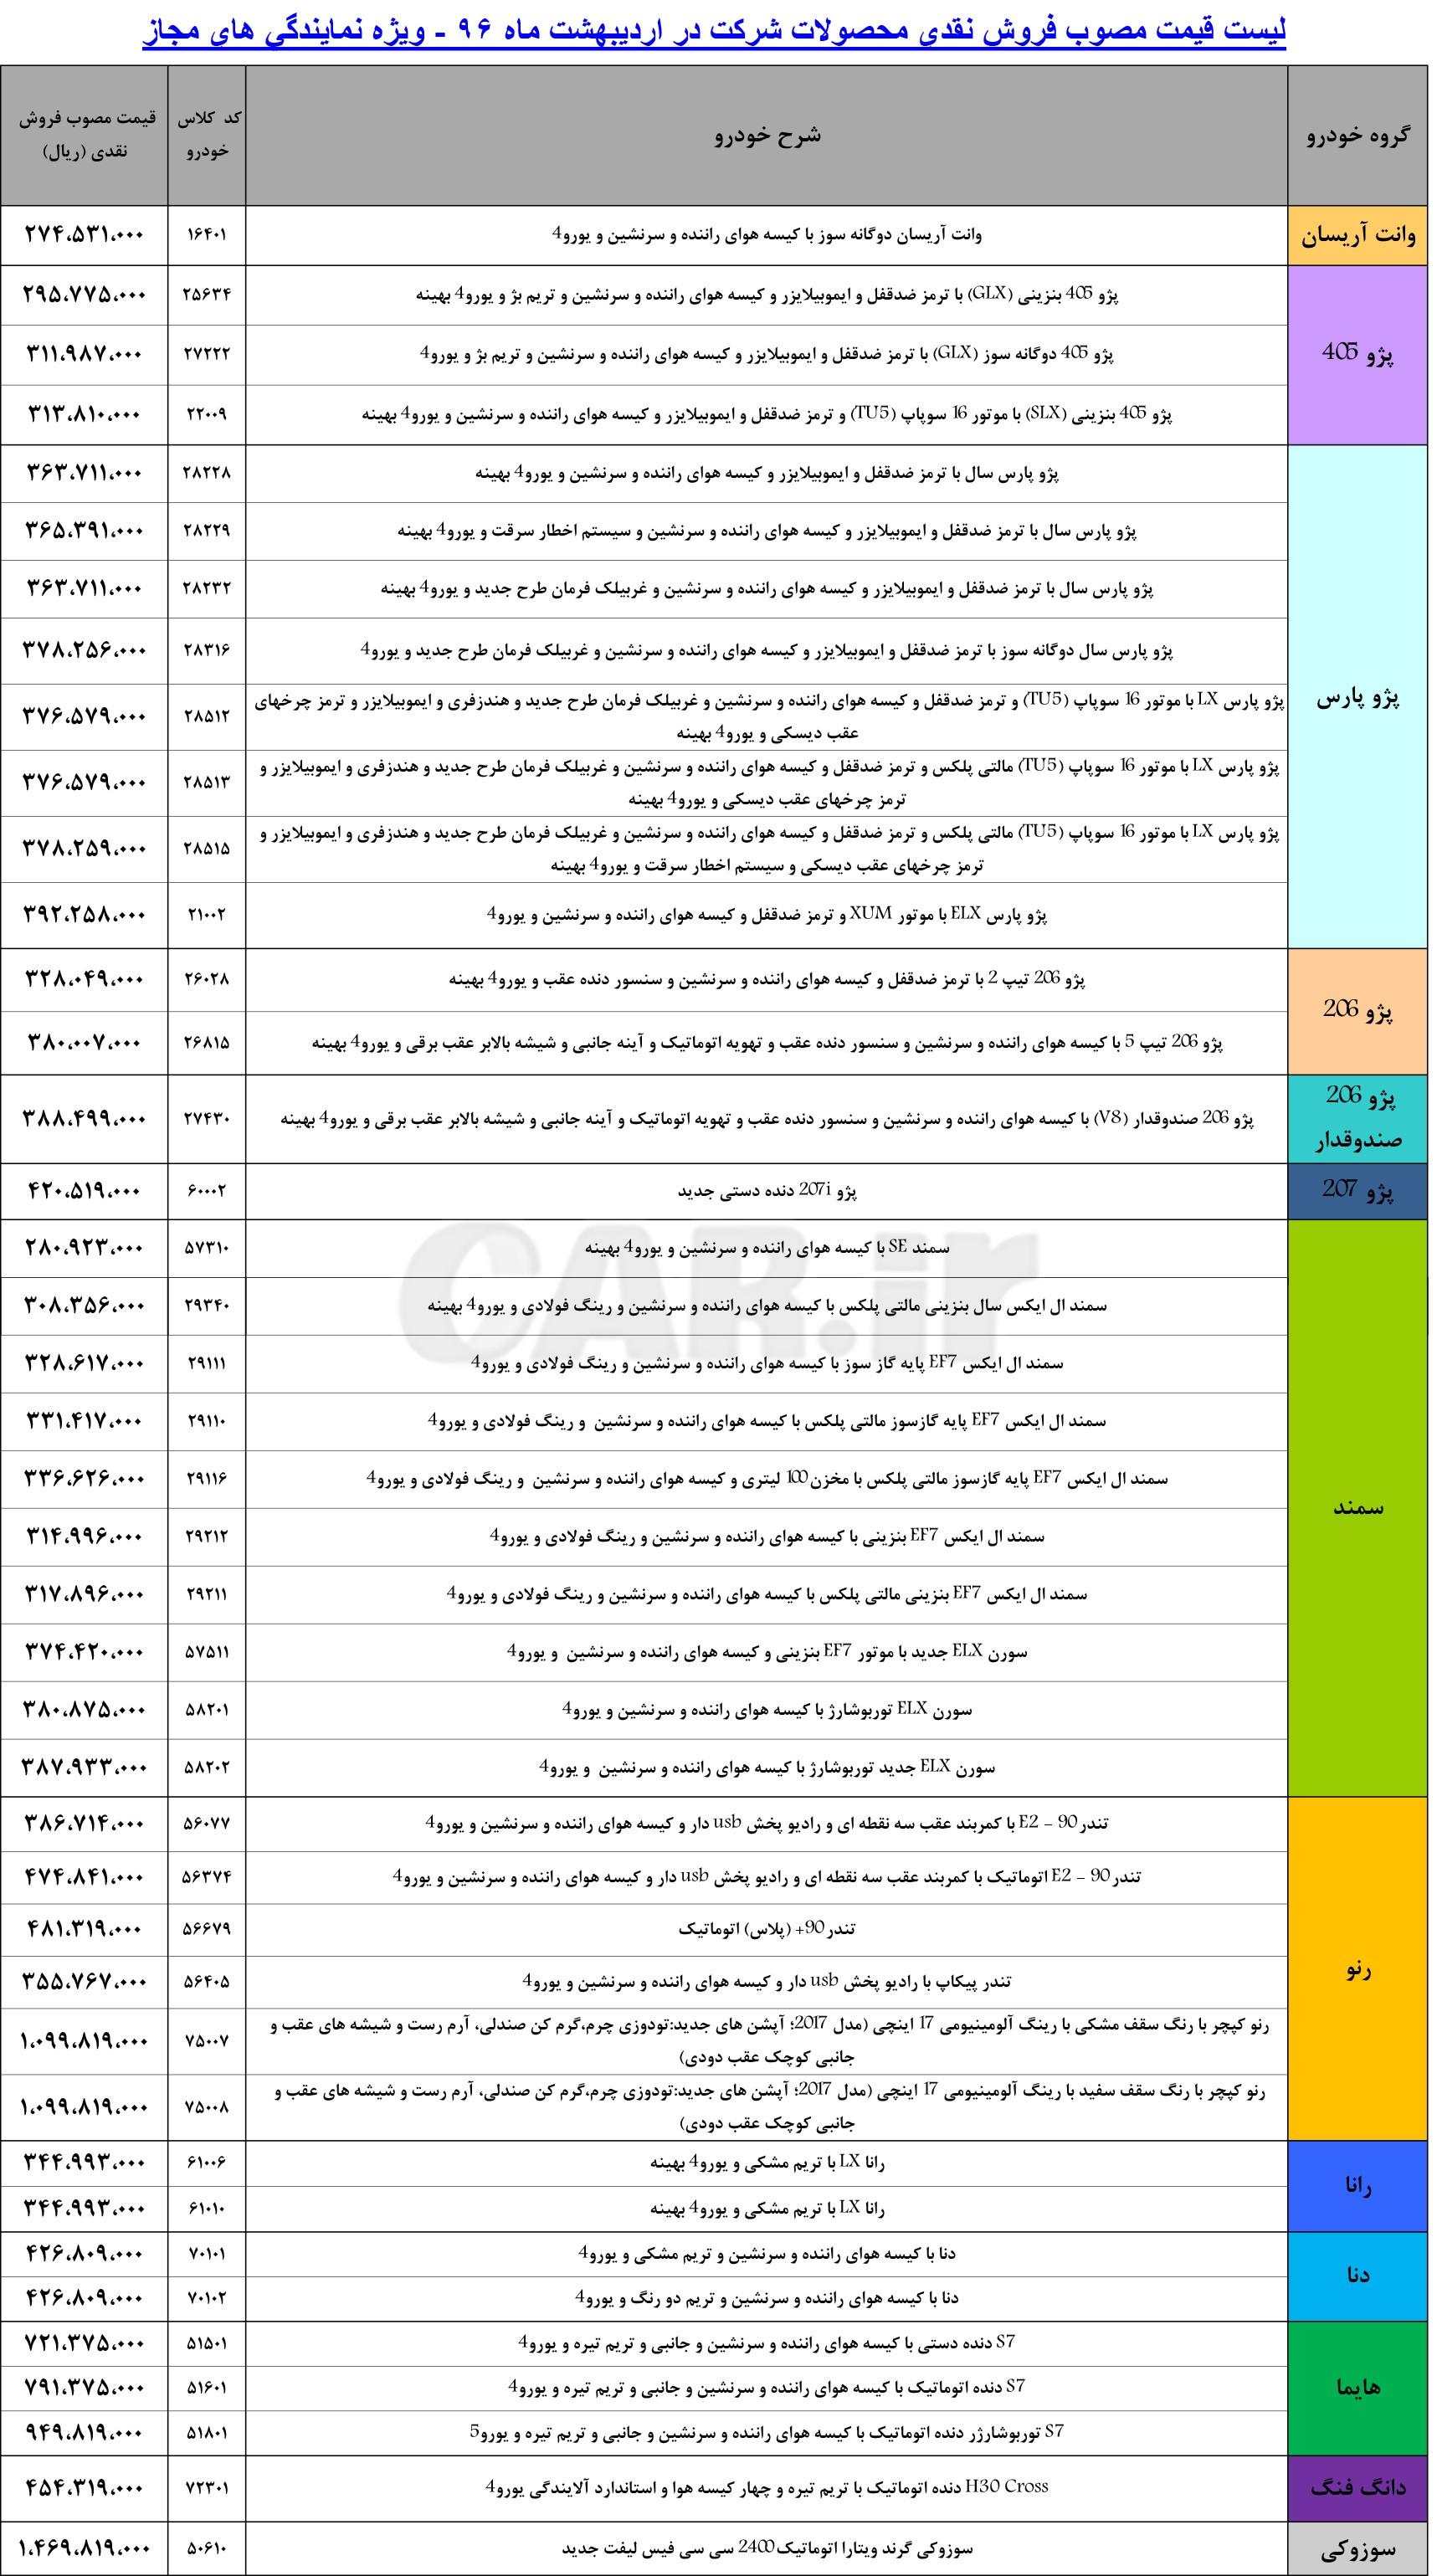 لیست قیمت کارخاتنه محصولات ایران خودرو -اردیبهشت 96